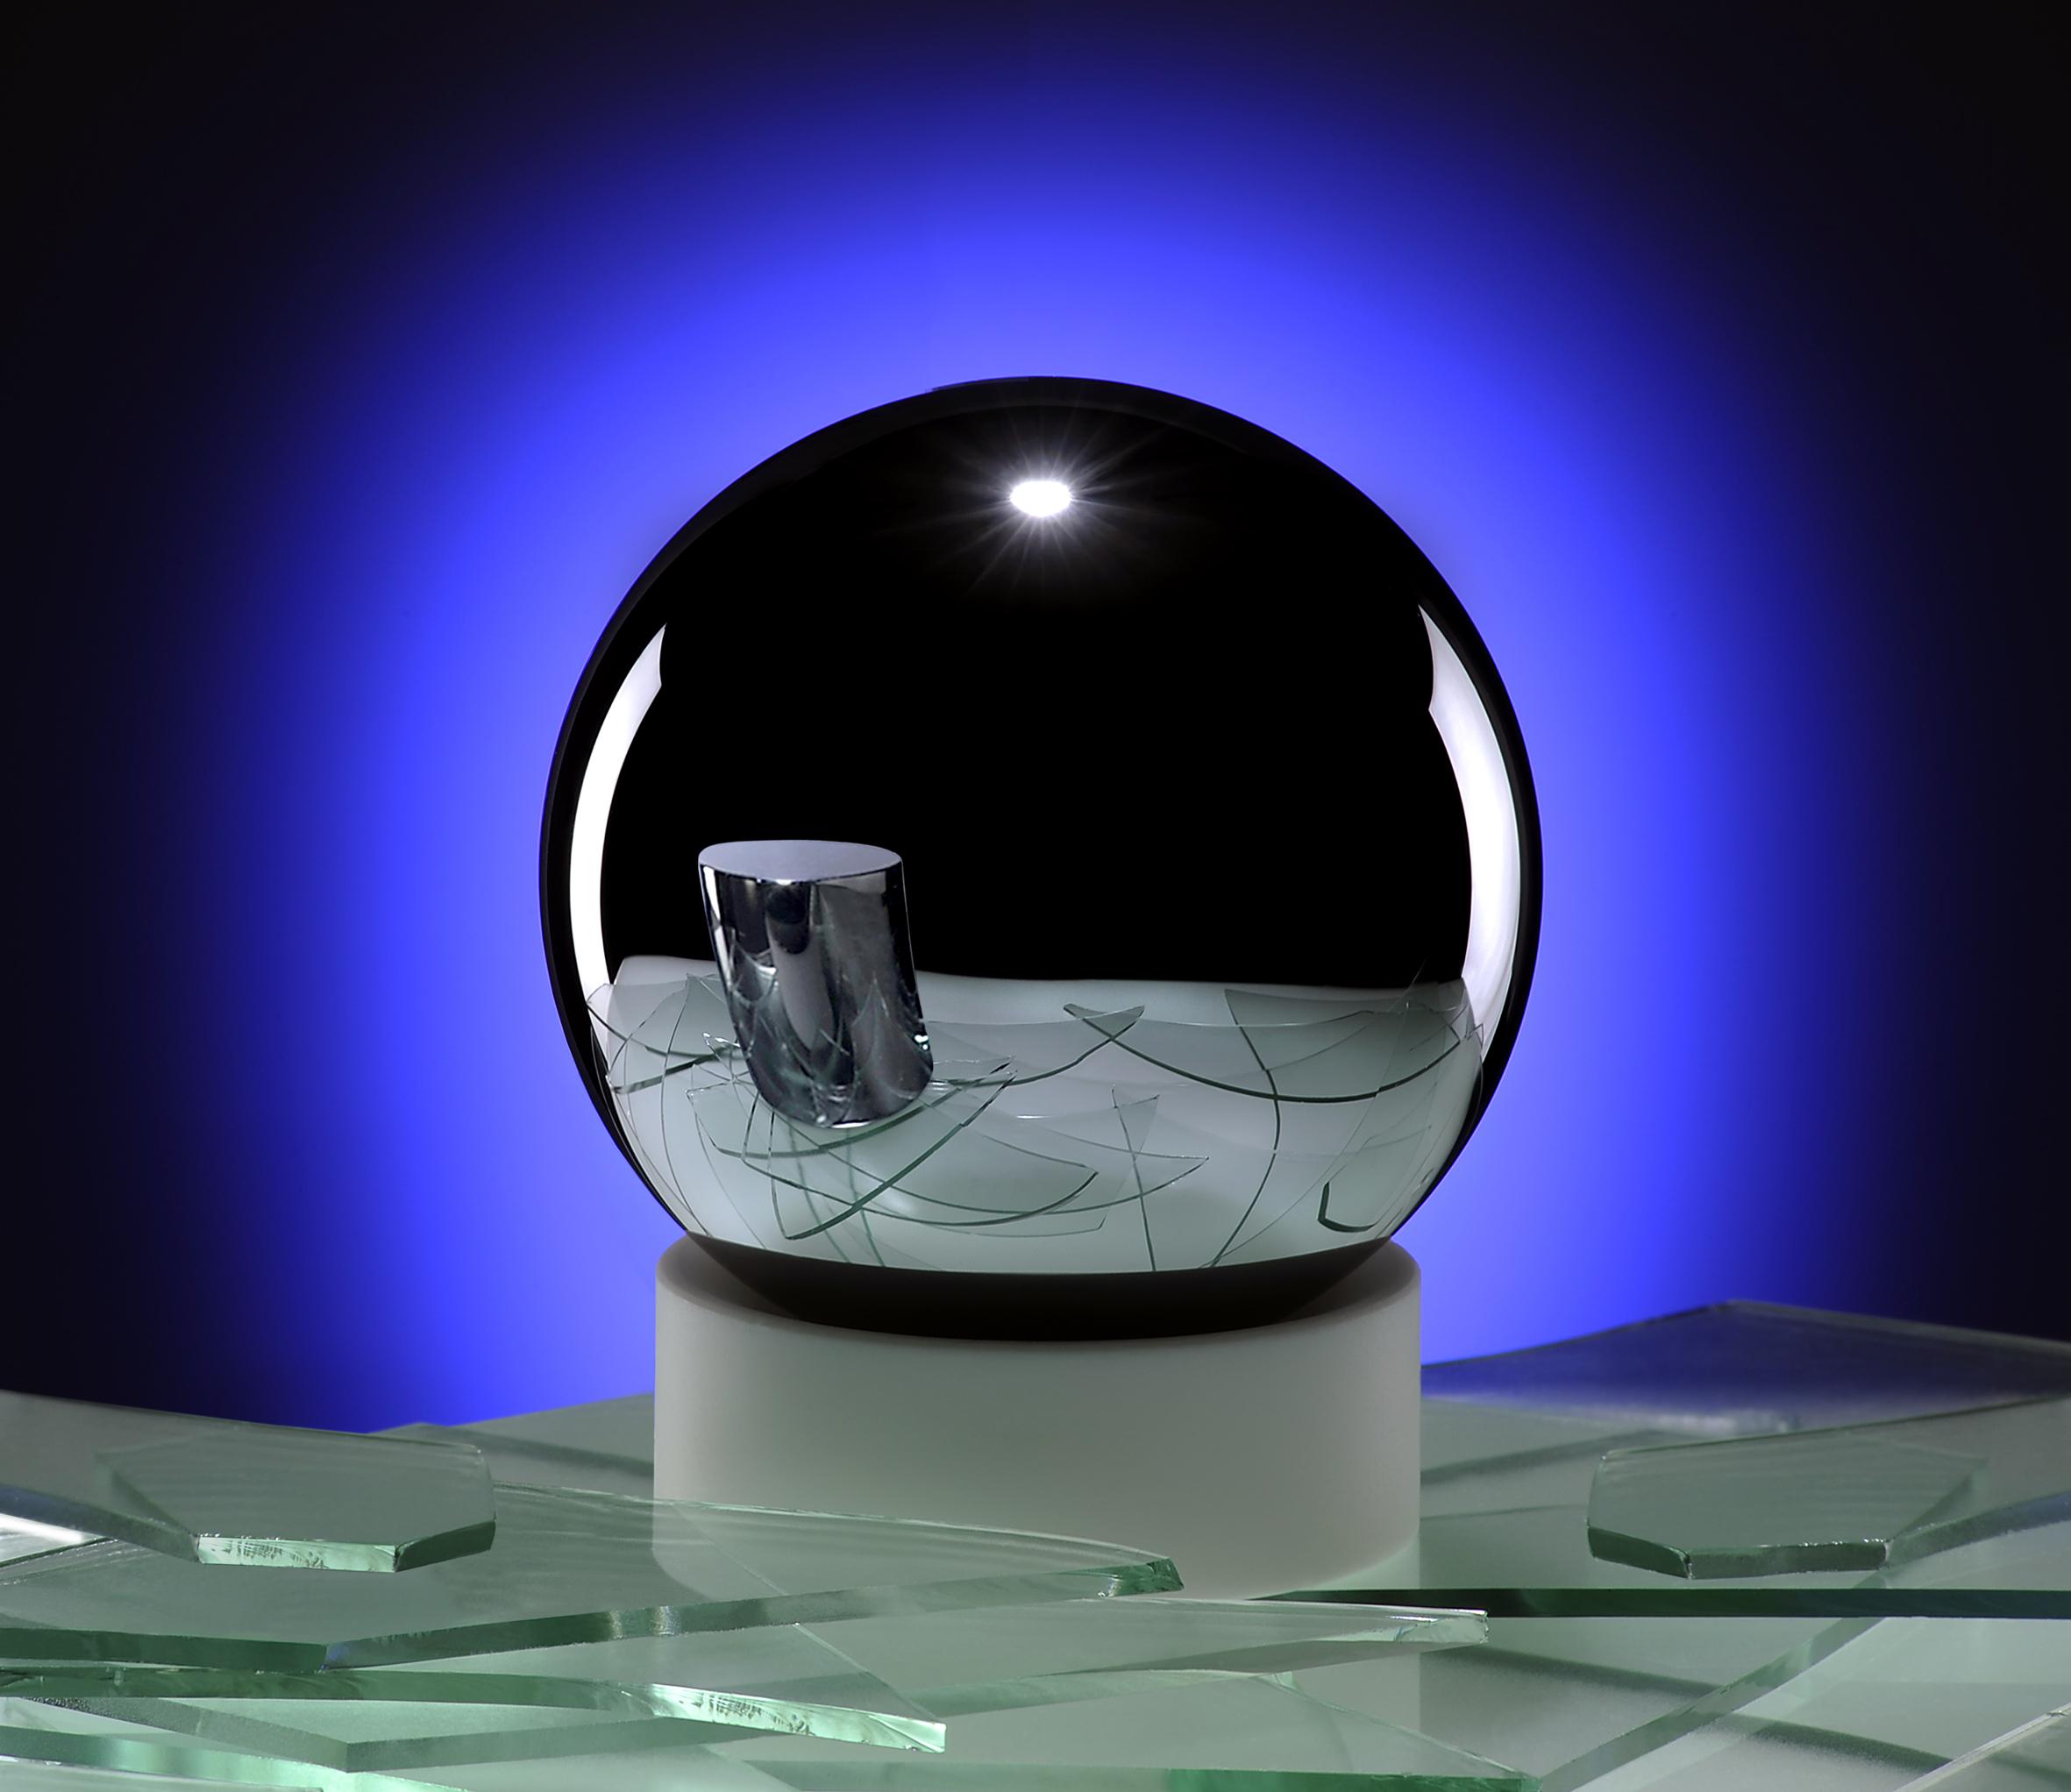 Koule z velmi čistého křemíku Si28, nejkulatější objekt vyrobený člověkem, vyrobená v rámci projektu Avogadro. V odrazu lze vidět jednu z kopií mezinárodního prototypu kilogramu. Kredit: Physikalisch-Technische Bundesanstalt (PTB).